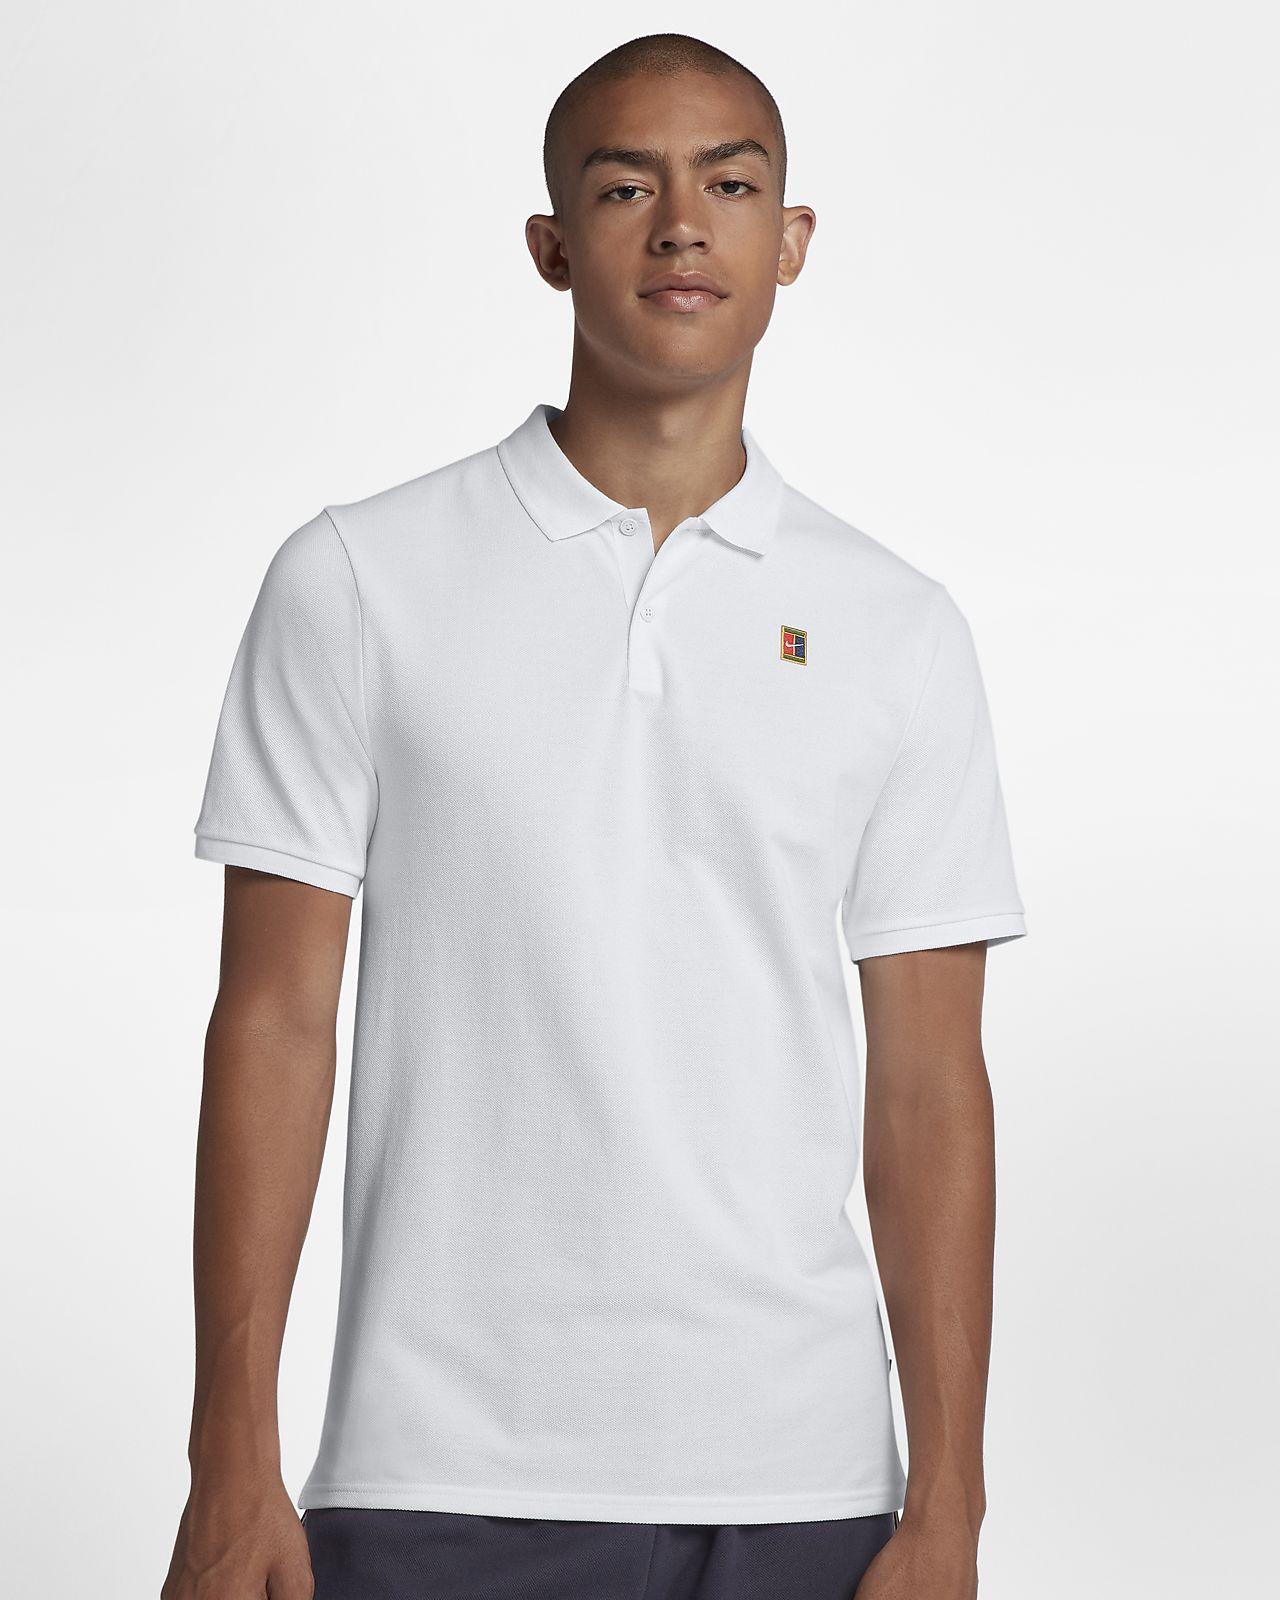 NikeCourt-tennisskjorte til herre